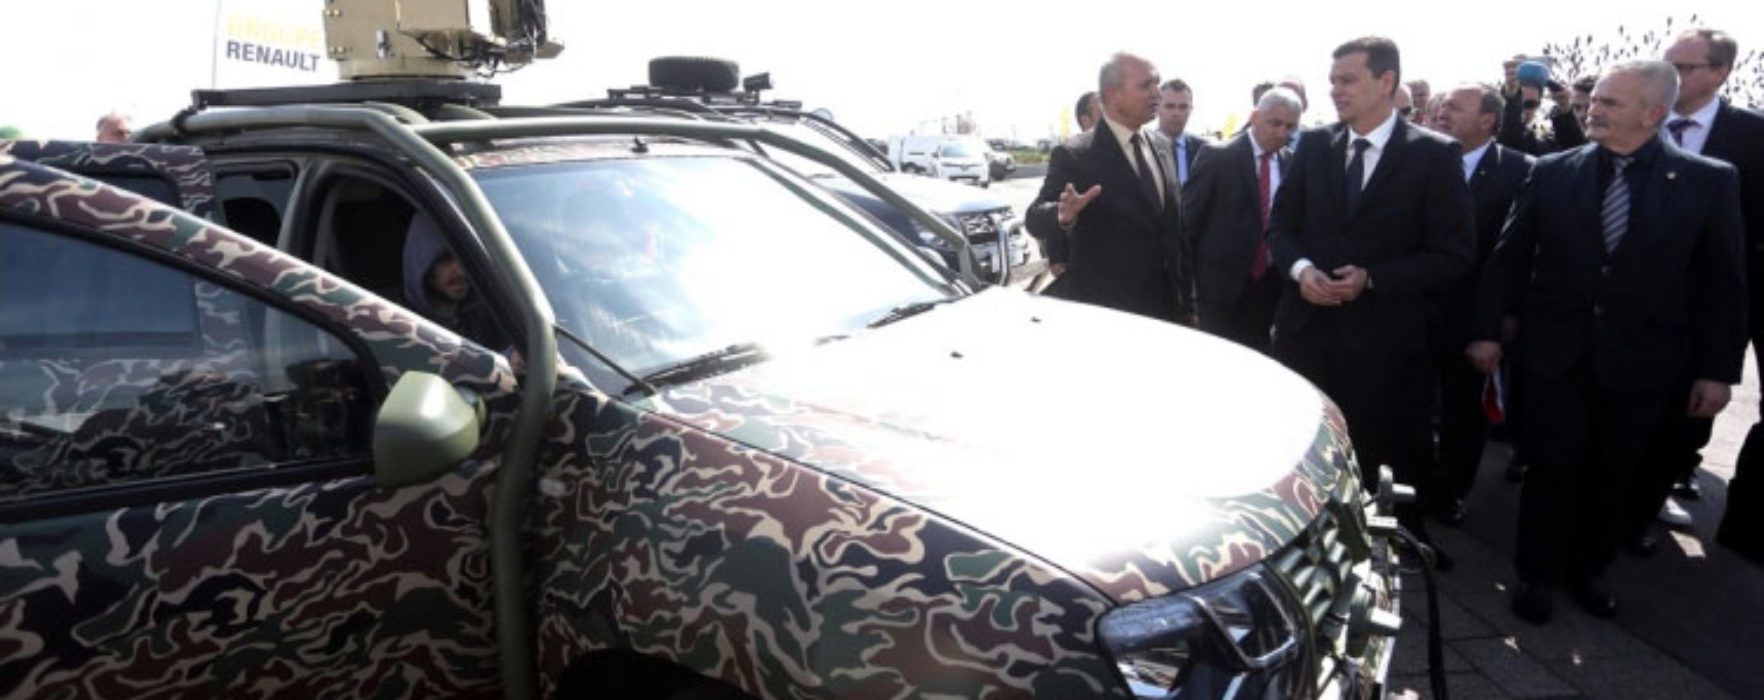 Grindeanu: I-am asigurat pe reprezentanții Renault că infrastructura e una dintre prioritățile noastre (video)